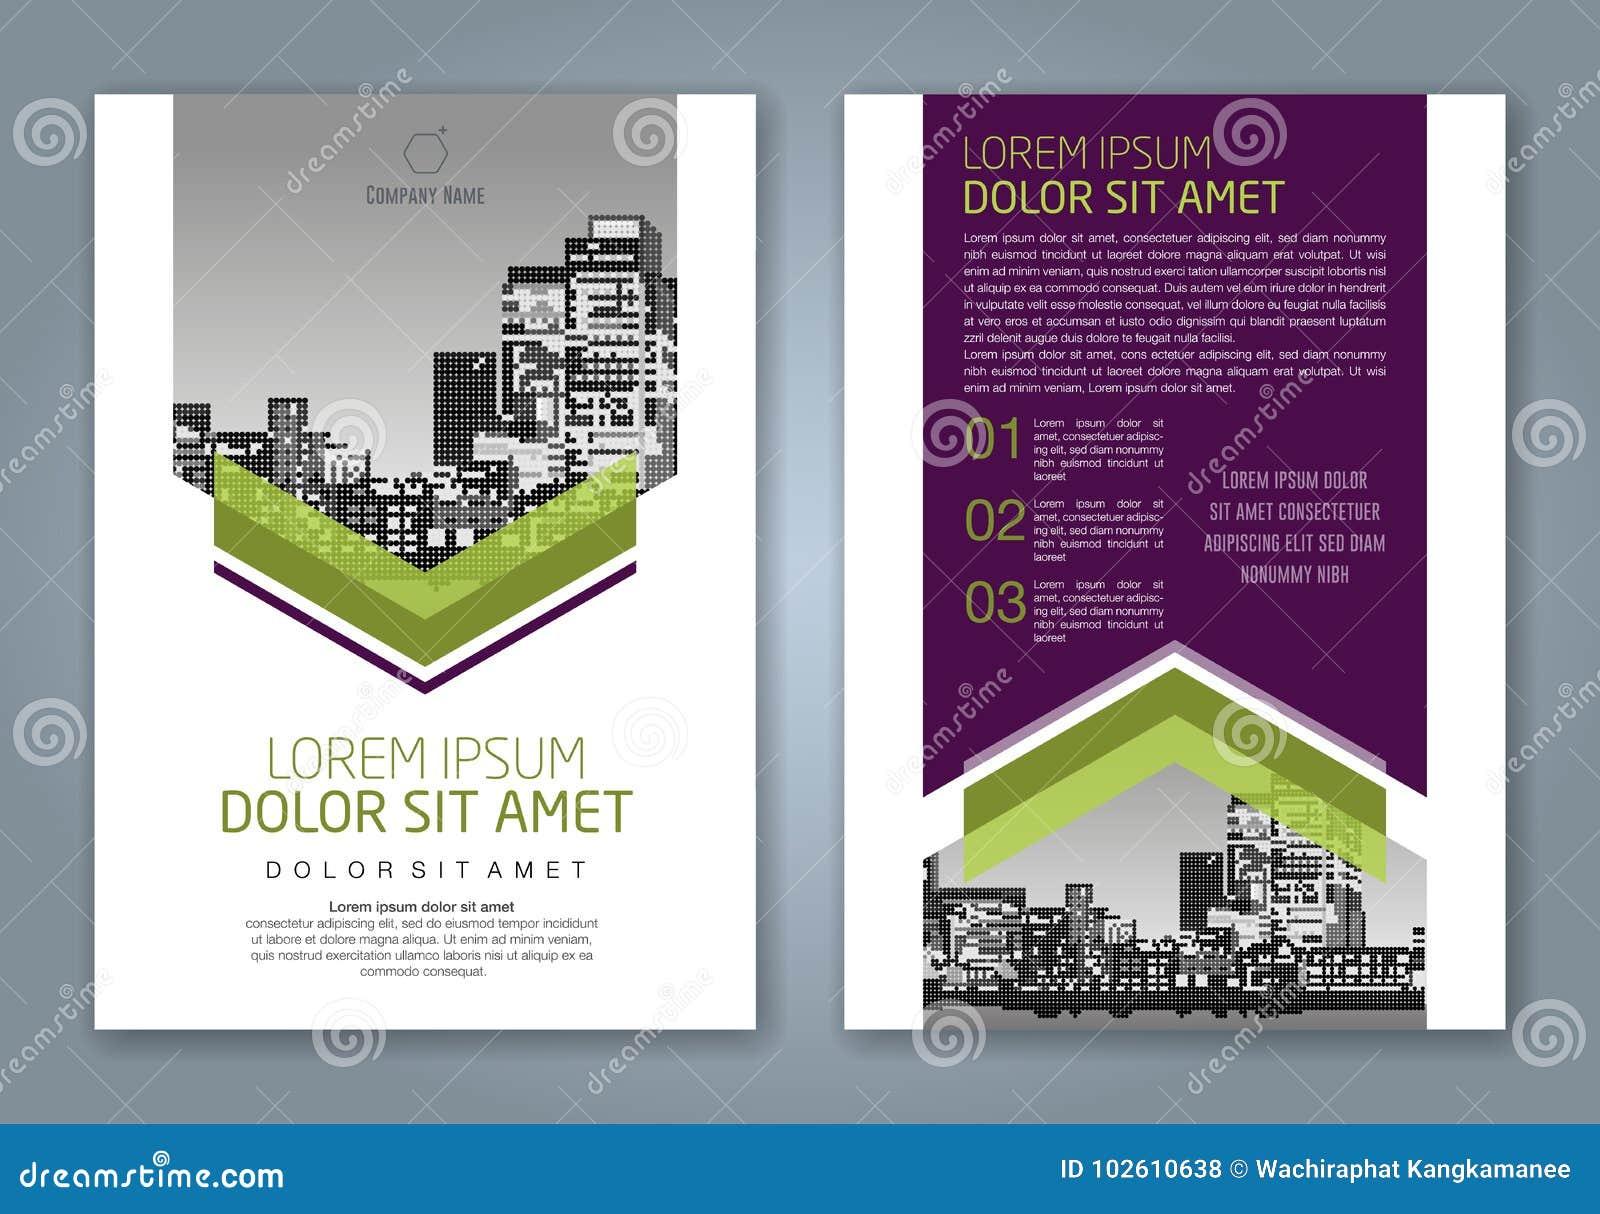 Fondo geométrico mínimo abstracto del diseño del polígono de las formas para la cubierta de libro de informe anual del negocio